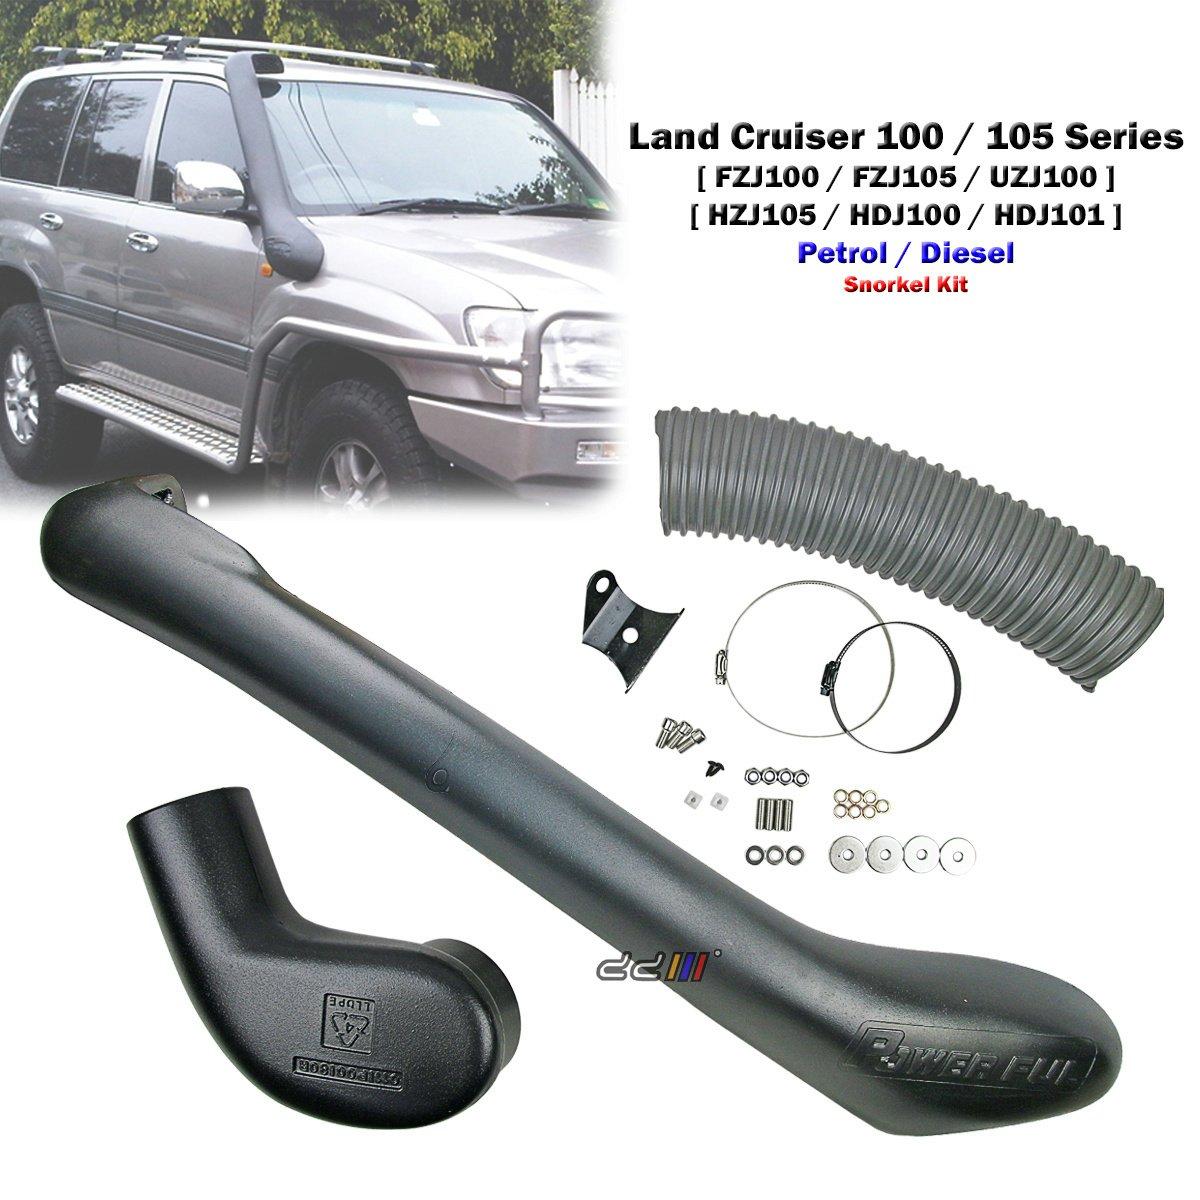 4x4 Off Road Snorkel Kit For Toyota Land Cruiser 100 Series UZJ100 HDJ100 98-07 D&D (Drag&Drift)